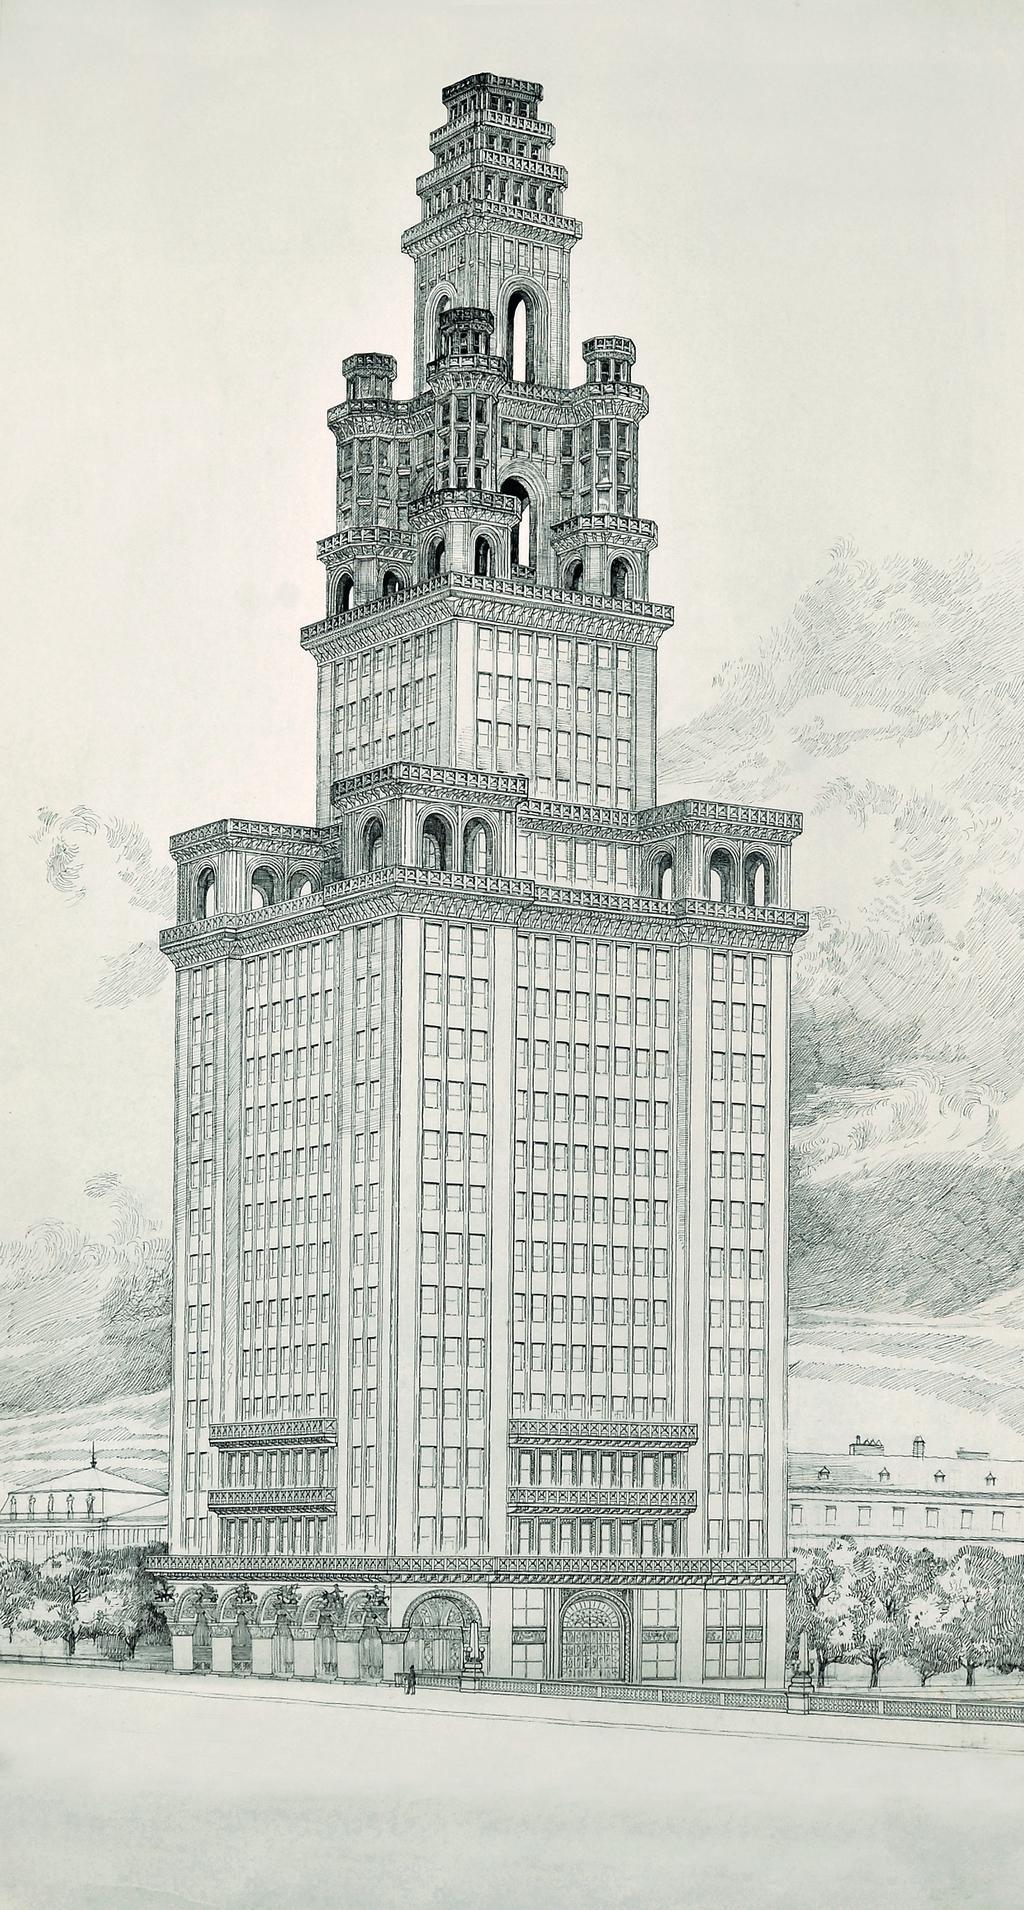 Soutěžní návrh pro Chicago Tower